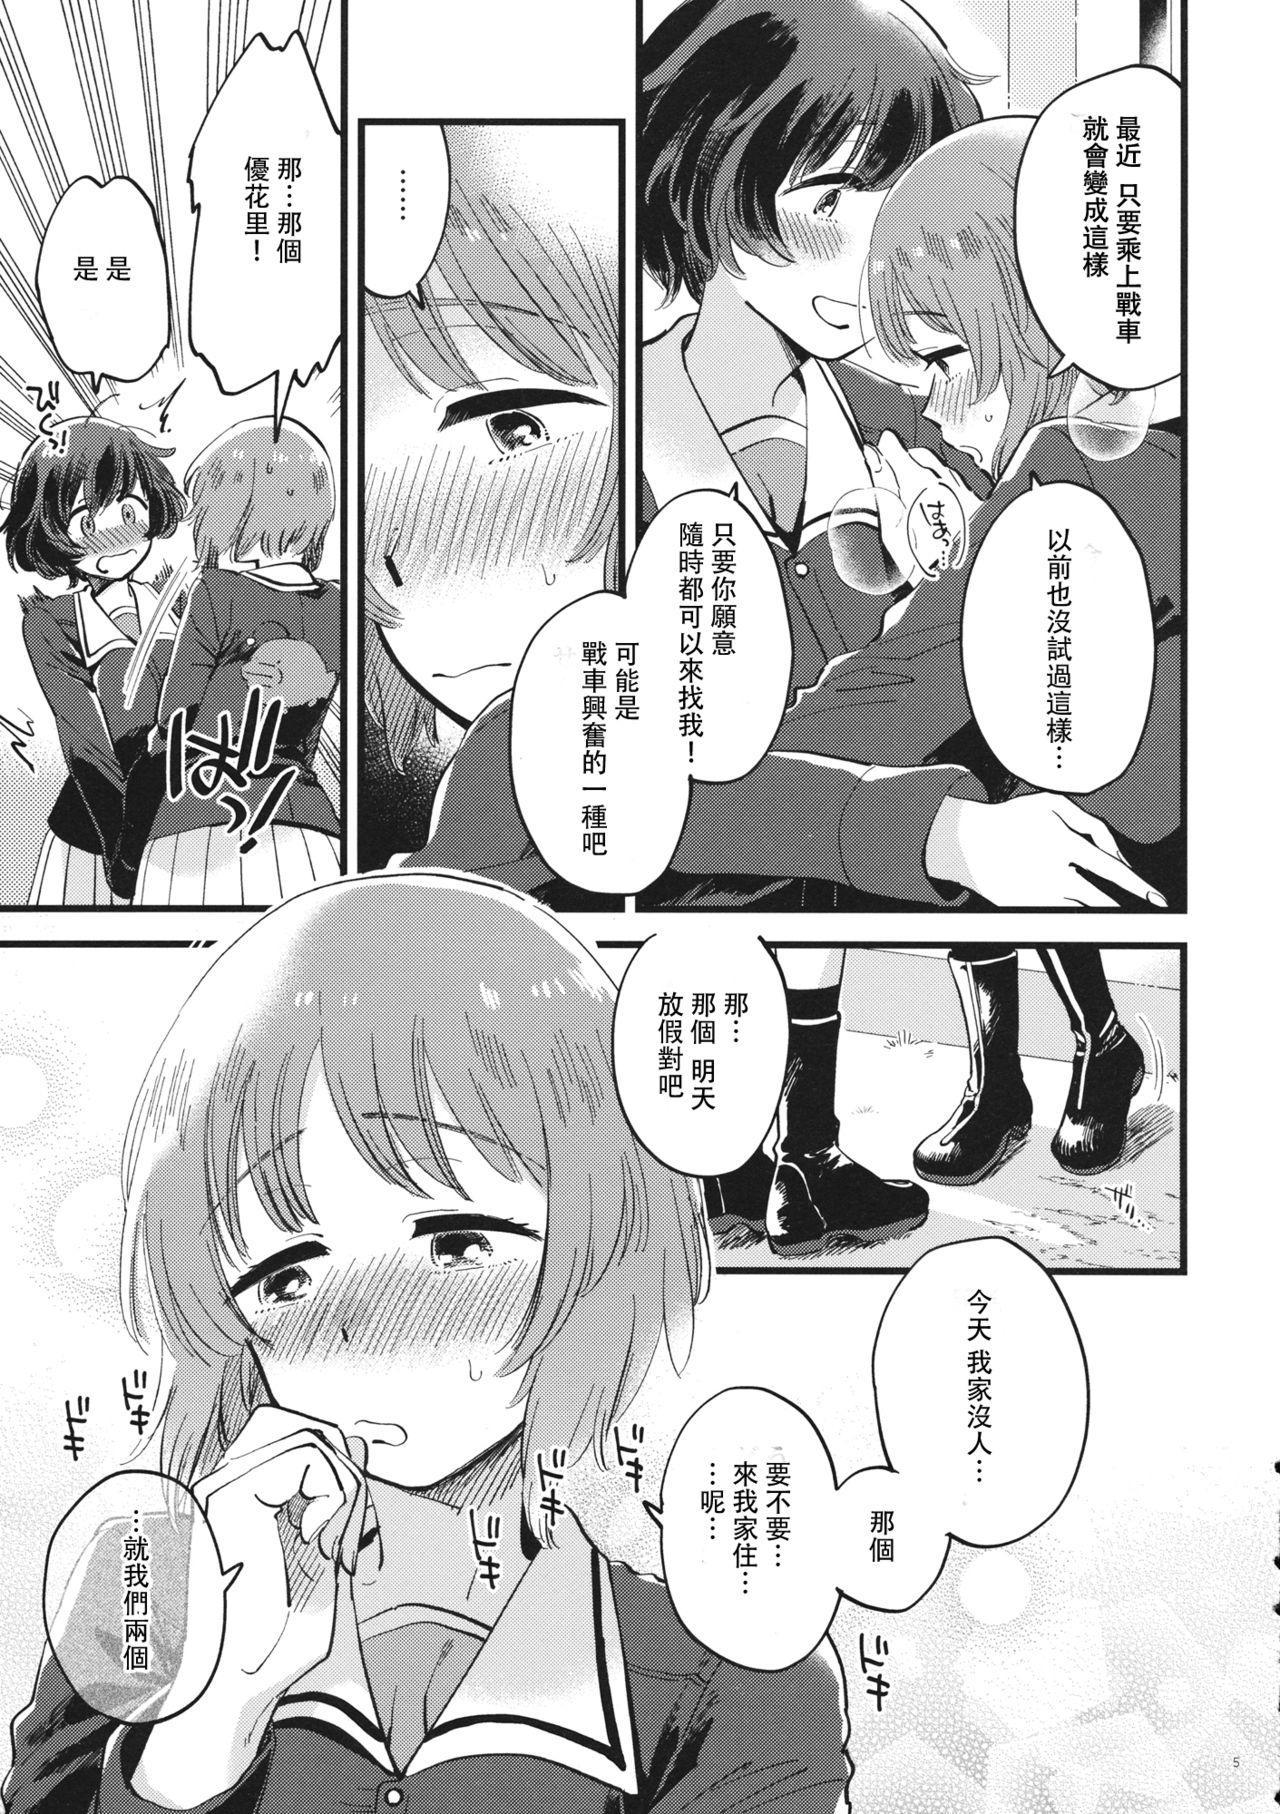 Yasashiku, Sawatte, Oku made Furete. 4